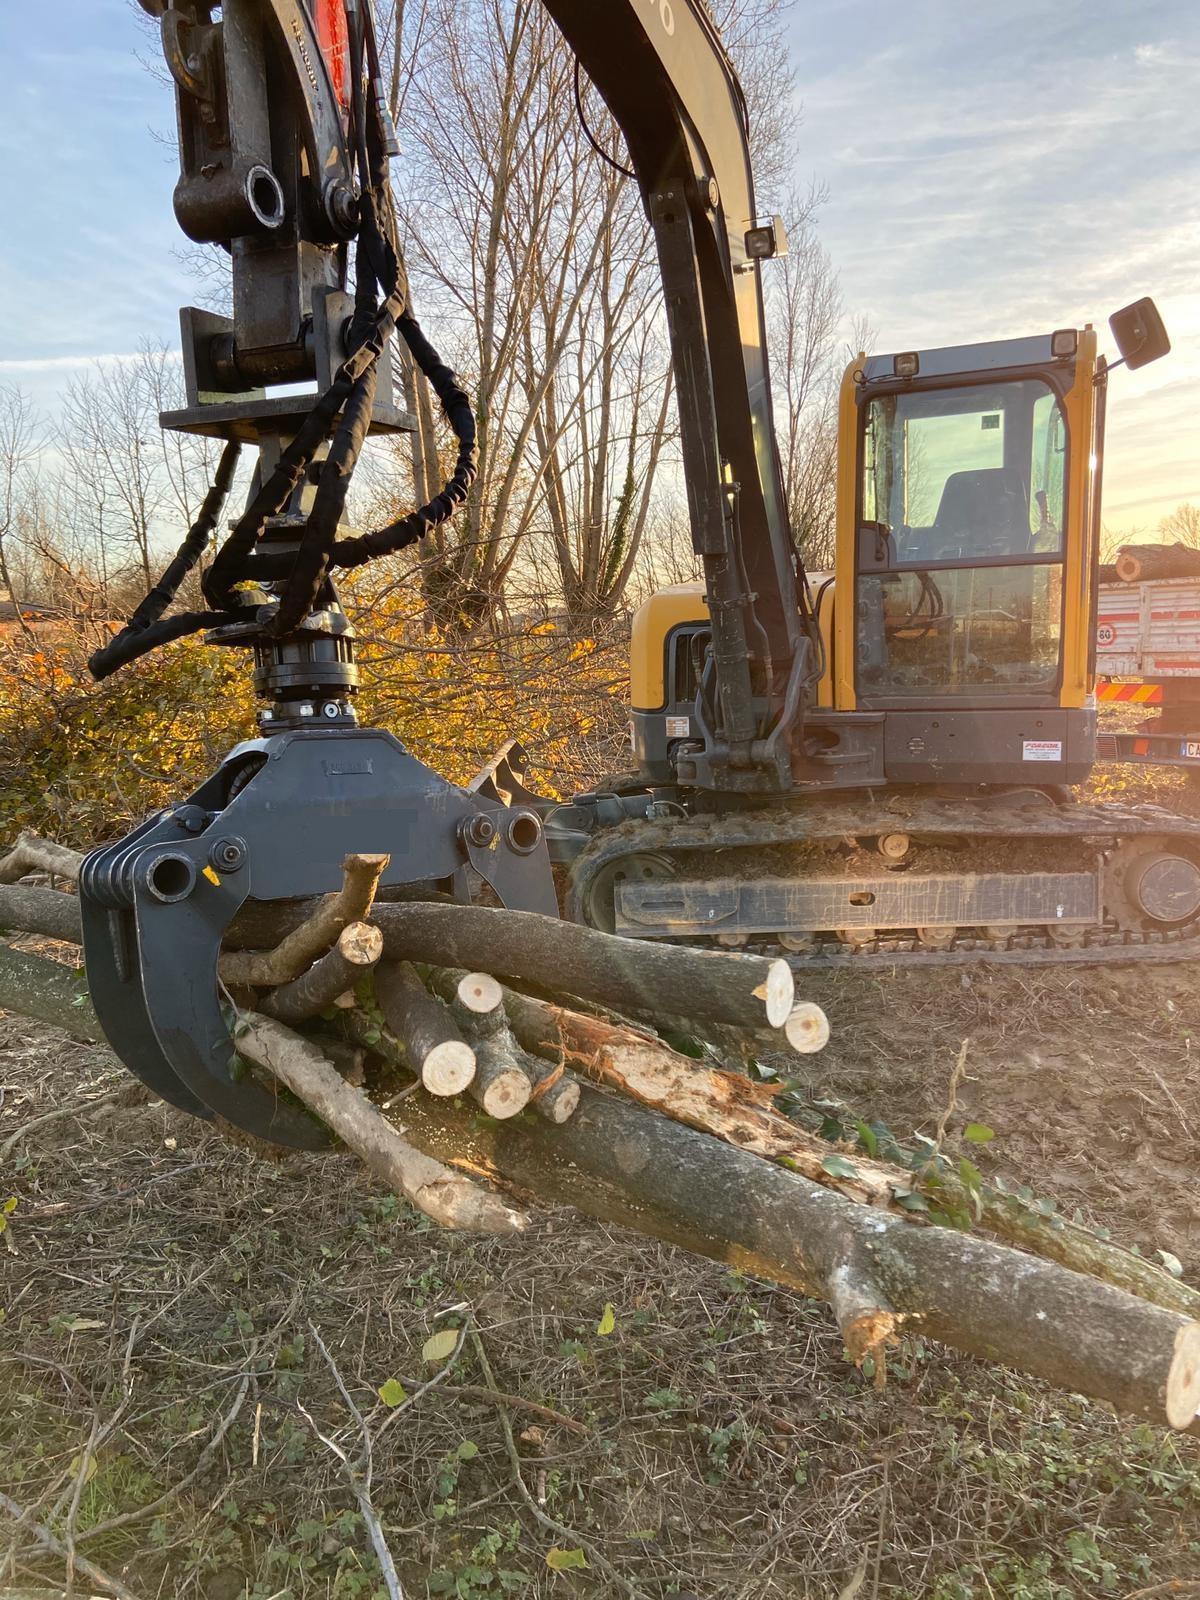 pinza forestale per legna a noleggio a Padova, Vicenza e Venezia